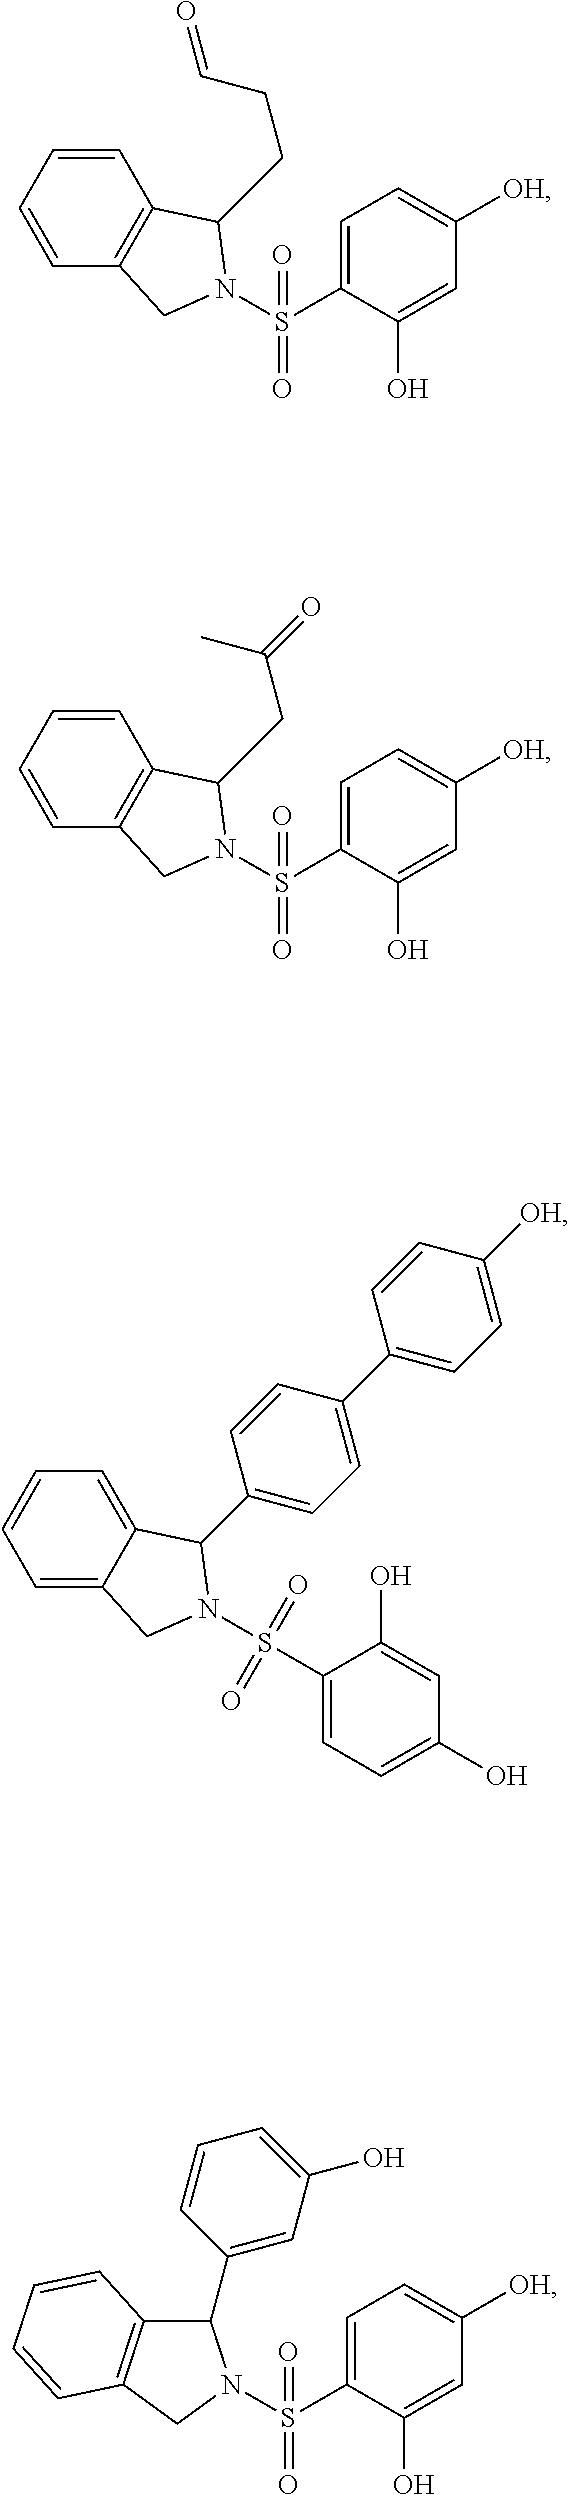 Figure US10167258-20190101-C00012